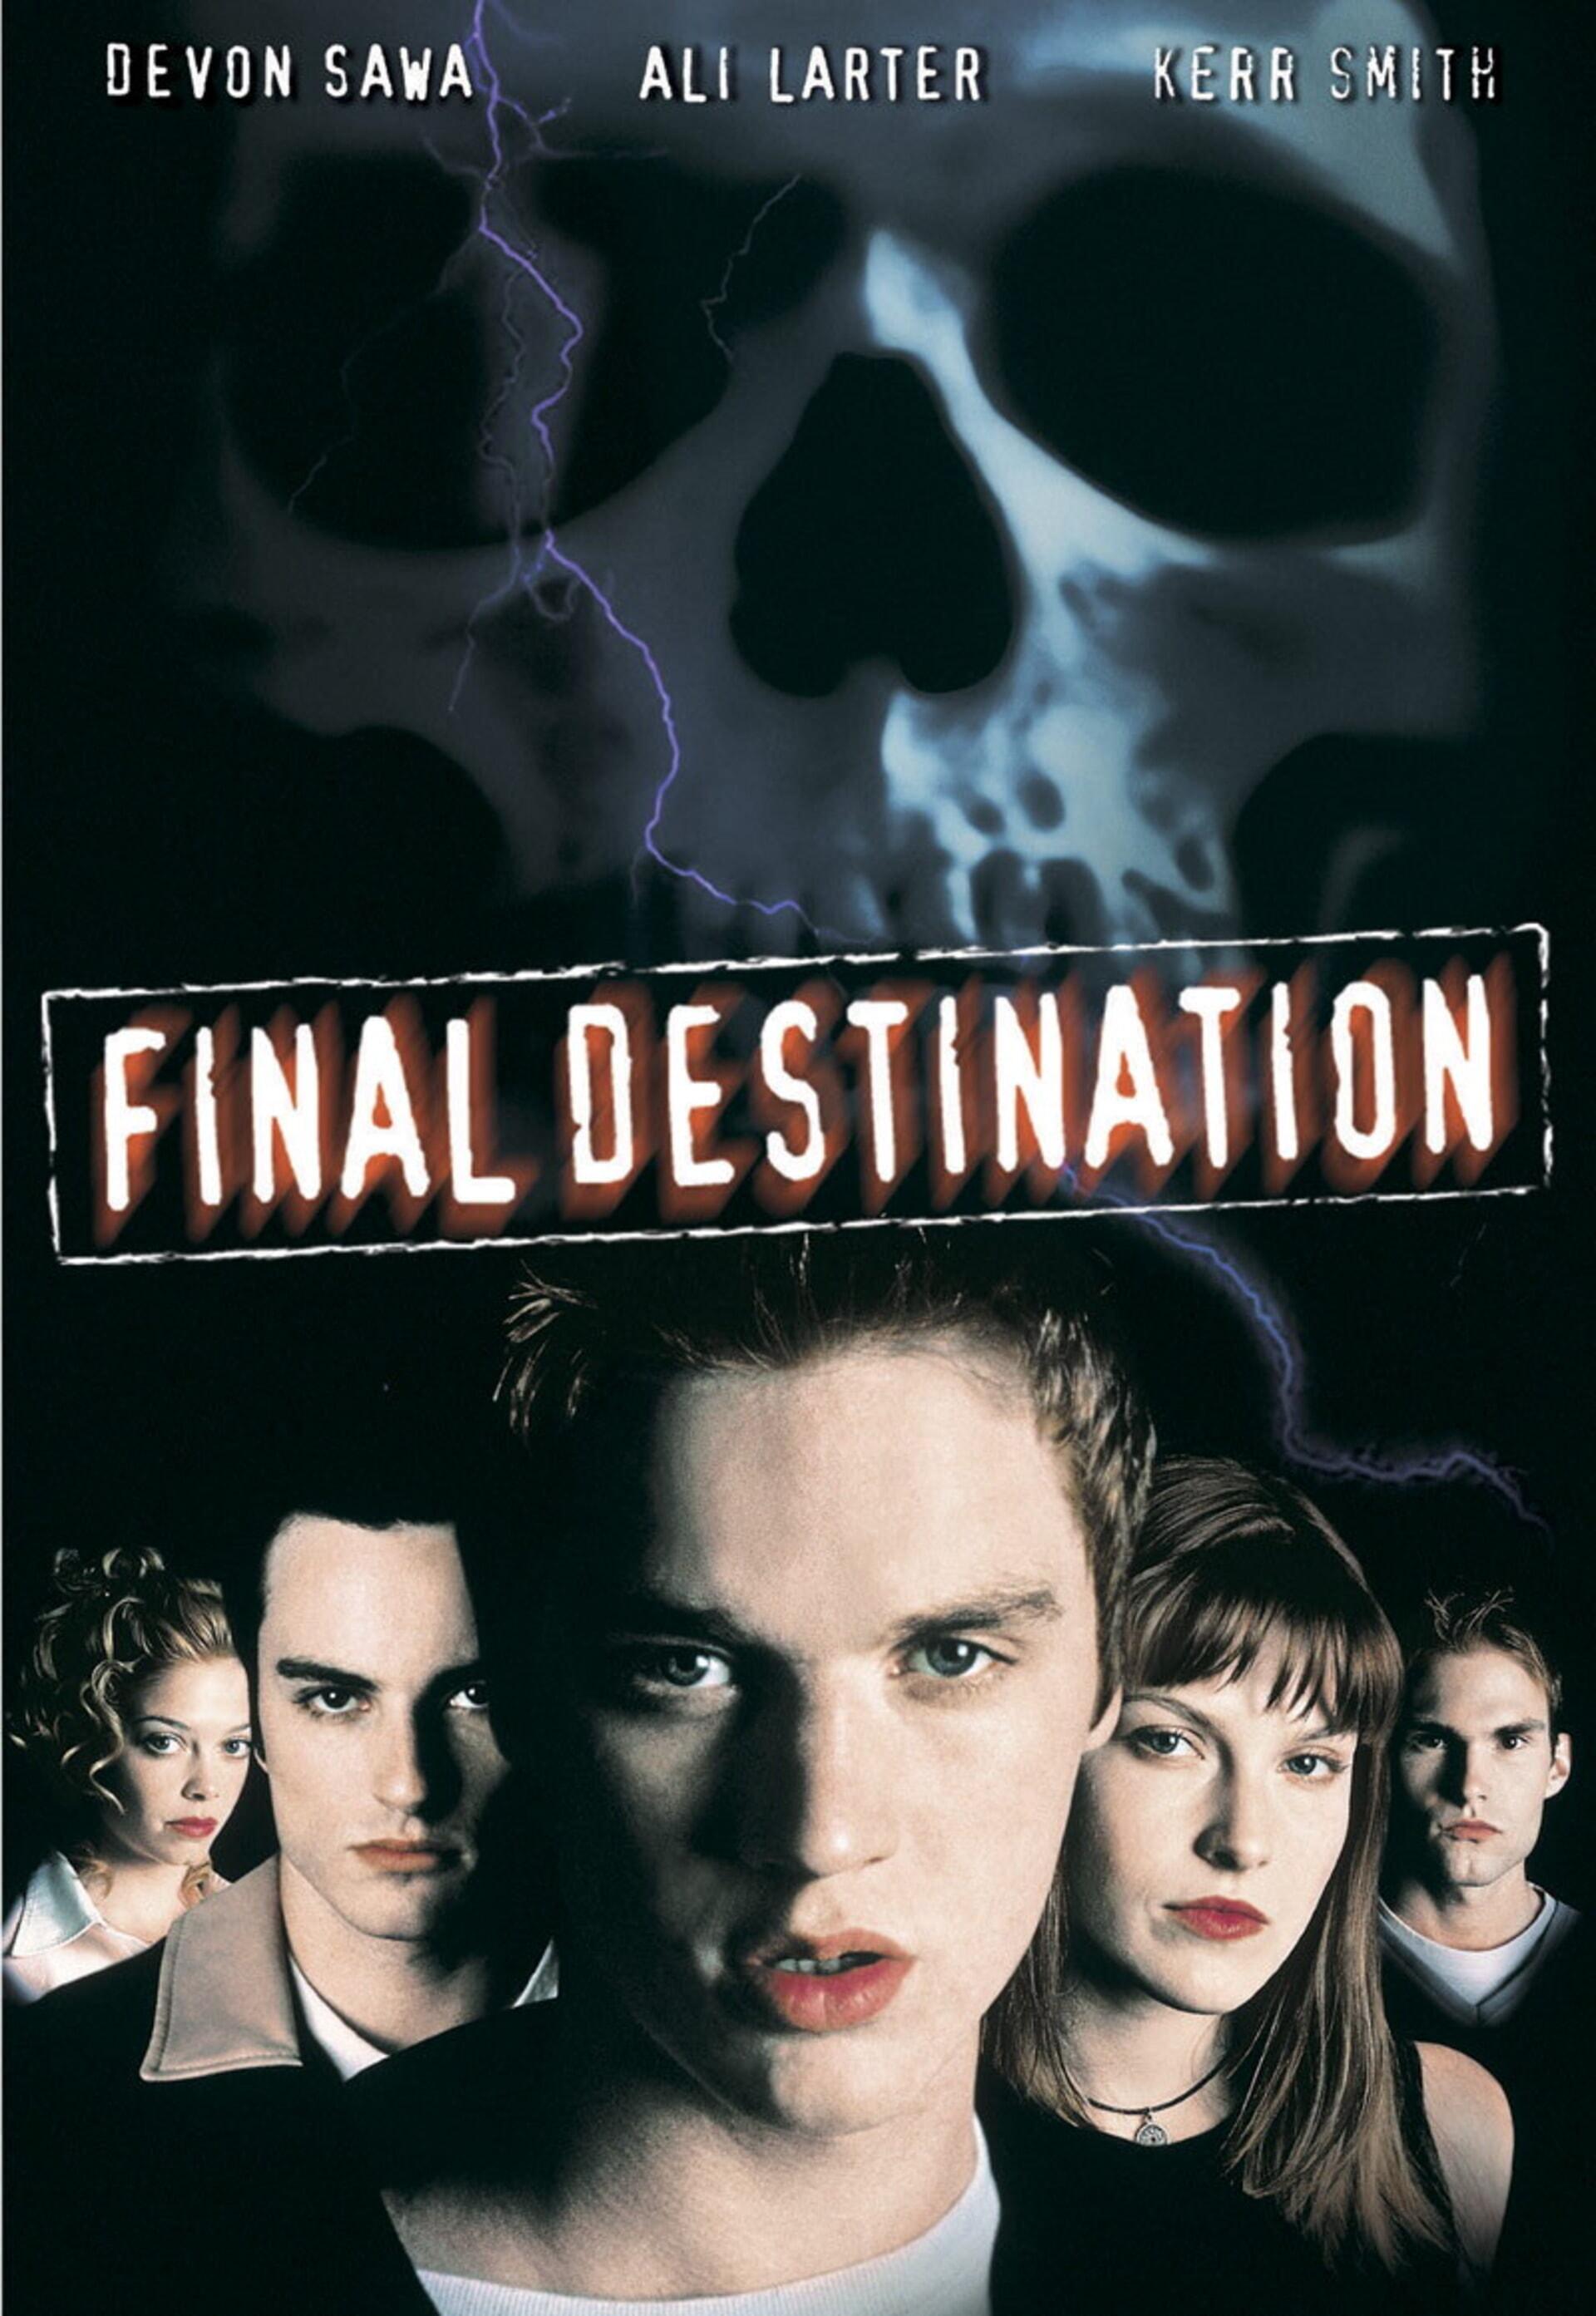 Final Destination - Poster 1